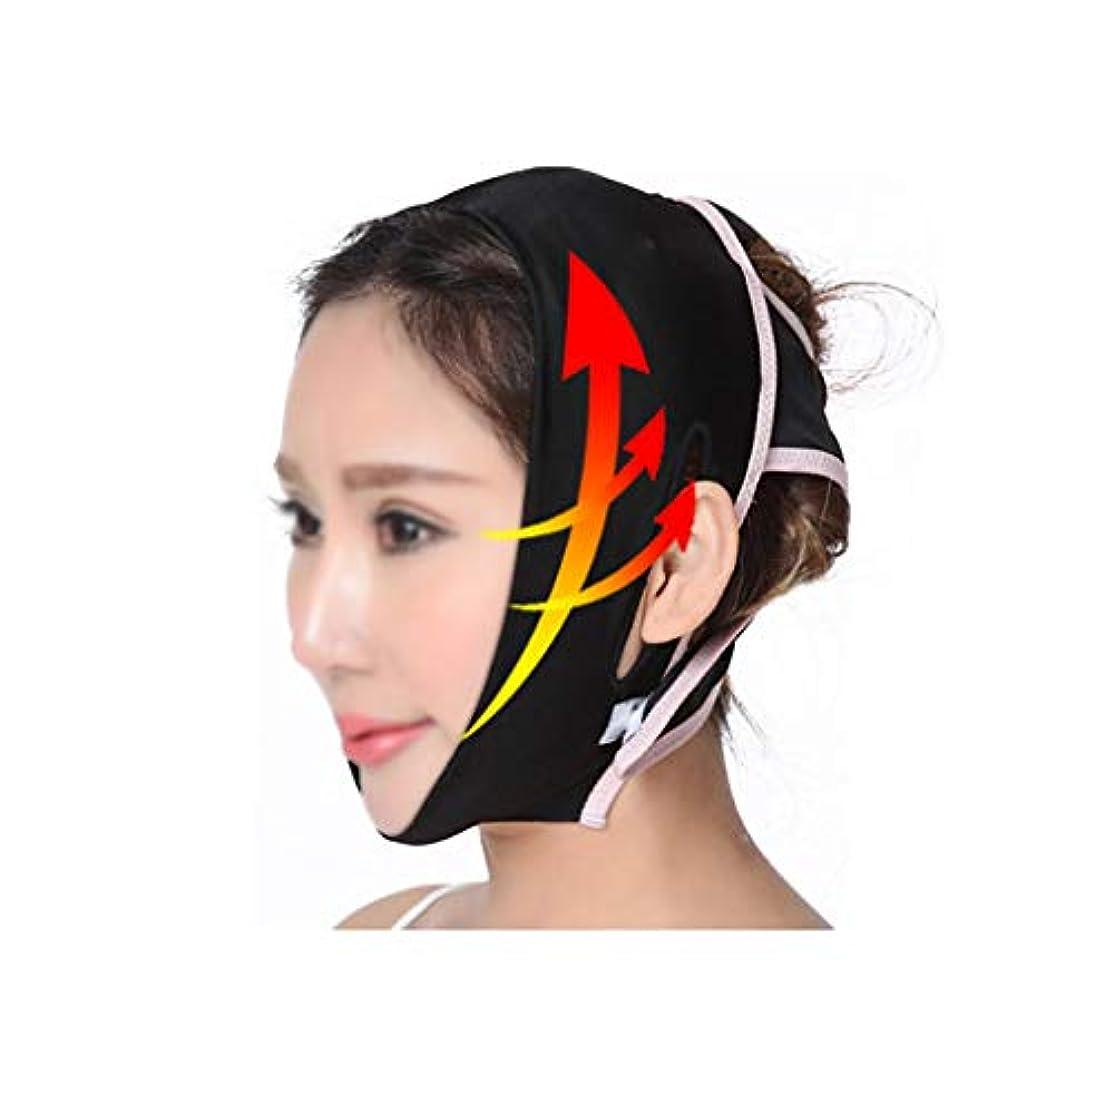 原稿最大の適応的フェイスリフトマスク、フェイシャルマスク睡眠顔整形フェイス包帯フェイシャルリフティングVフェイスフェイスアーチファクト回復通気性ネックストラップ (Size : L)